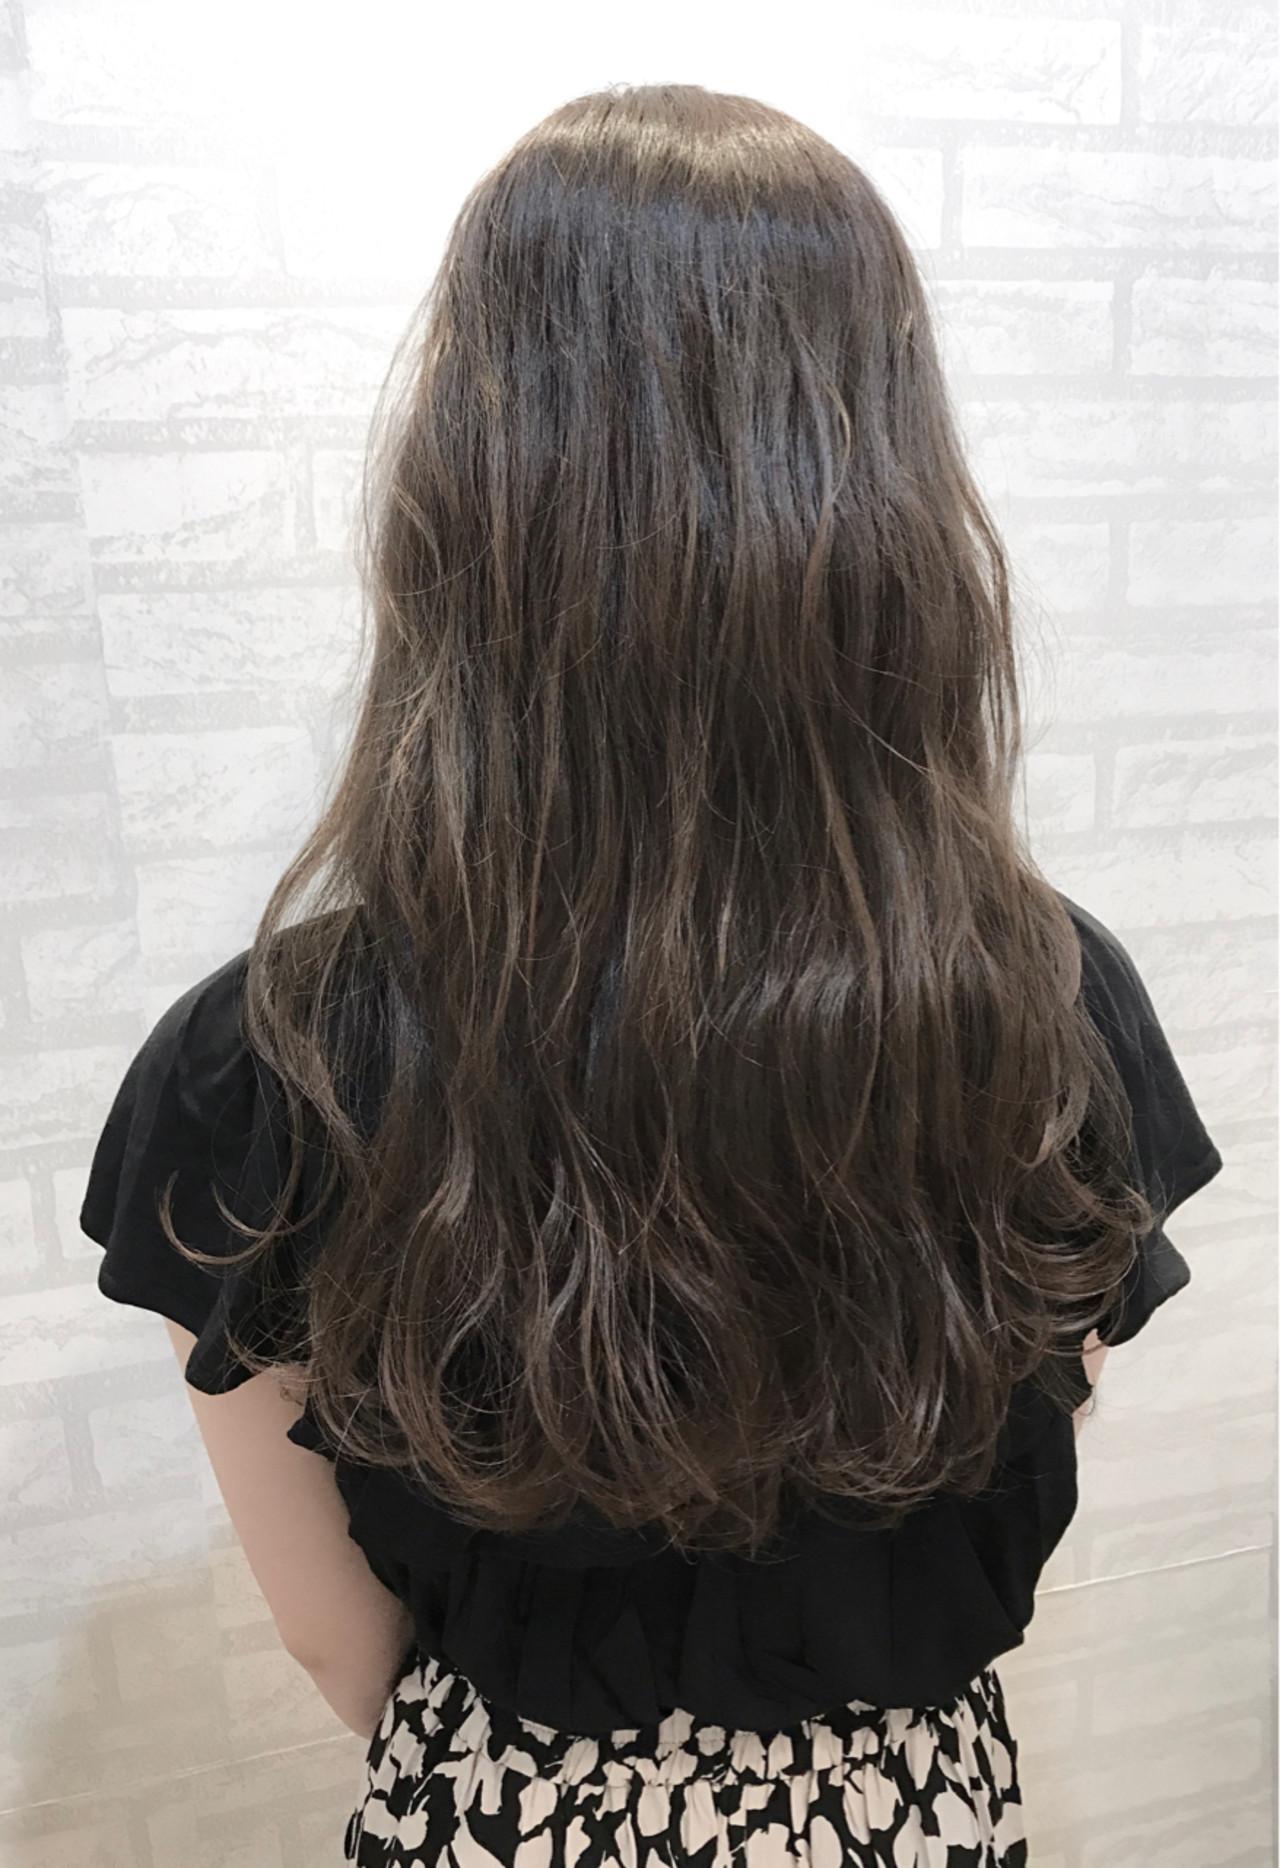 梅雨 アンニュイ リラックス エレガント ヘアスタイルや髪型の写真・画像 | 丸山 大樹 / zina tokyo